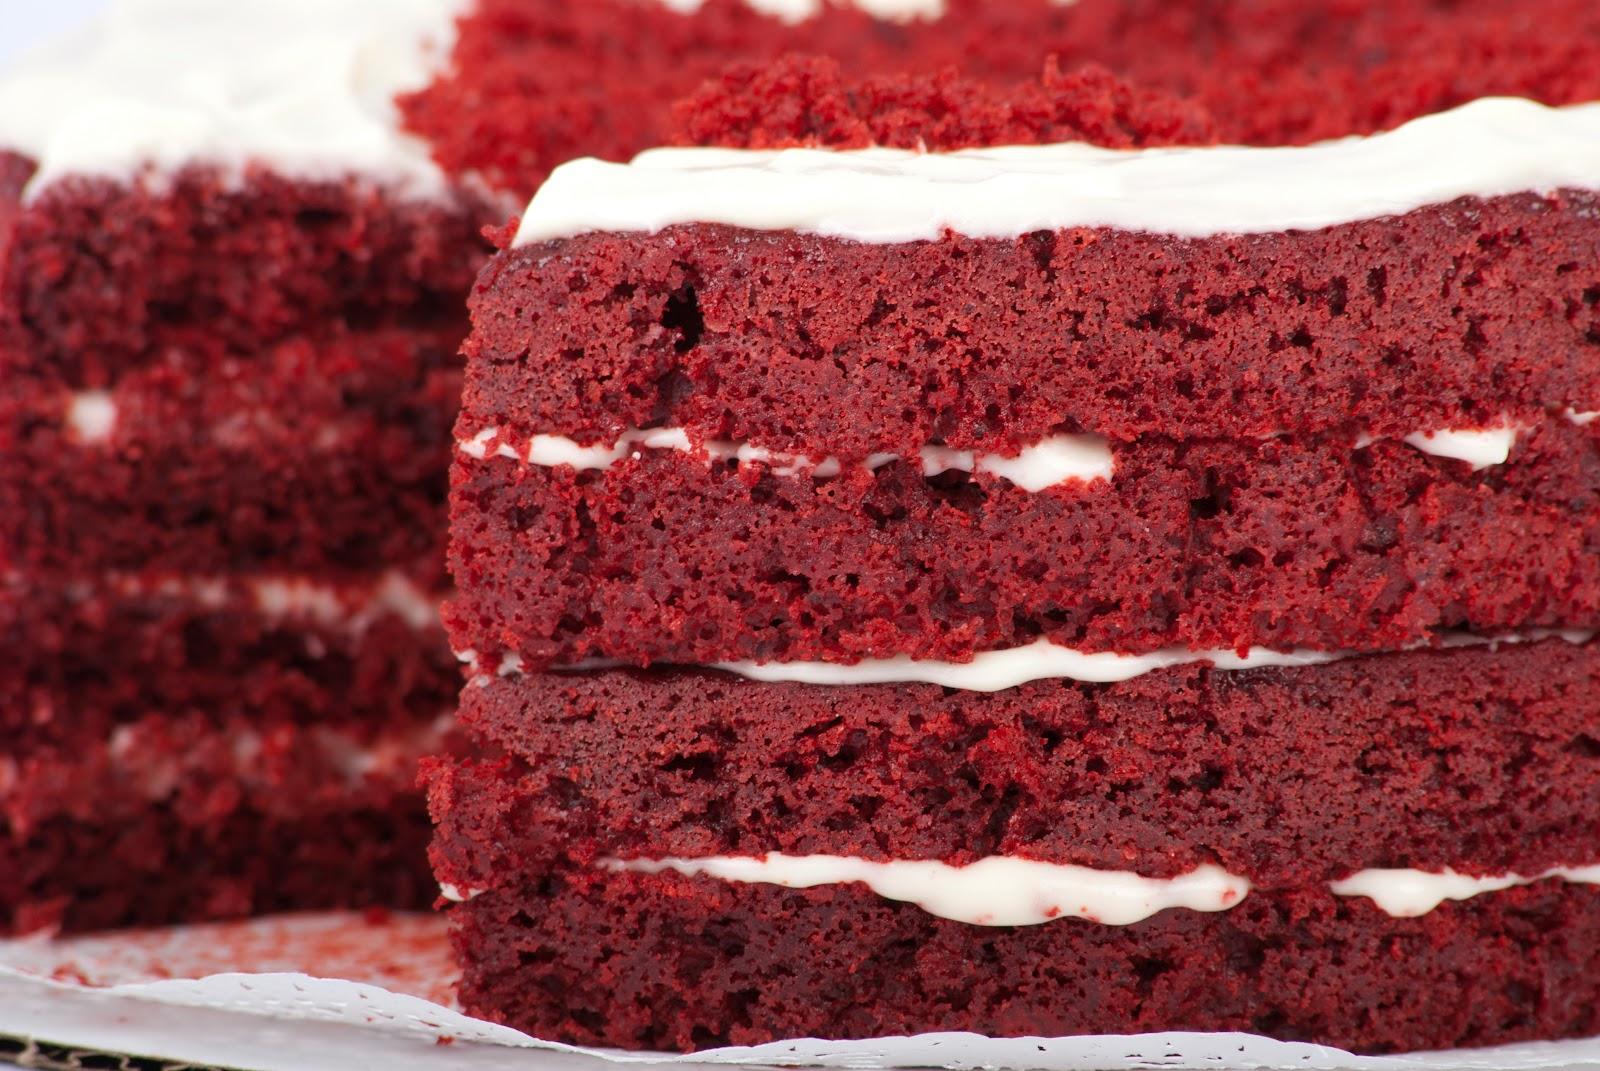 Torta Red Velvet Receta la Torta Red Velvet Consiste